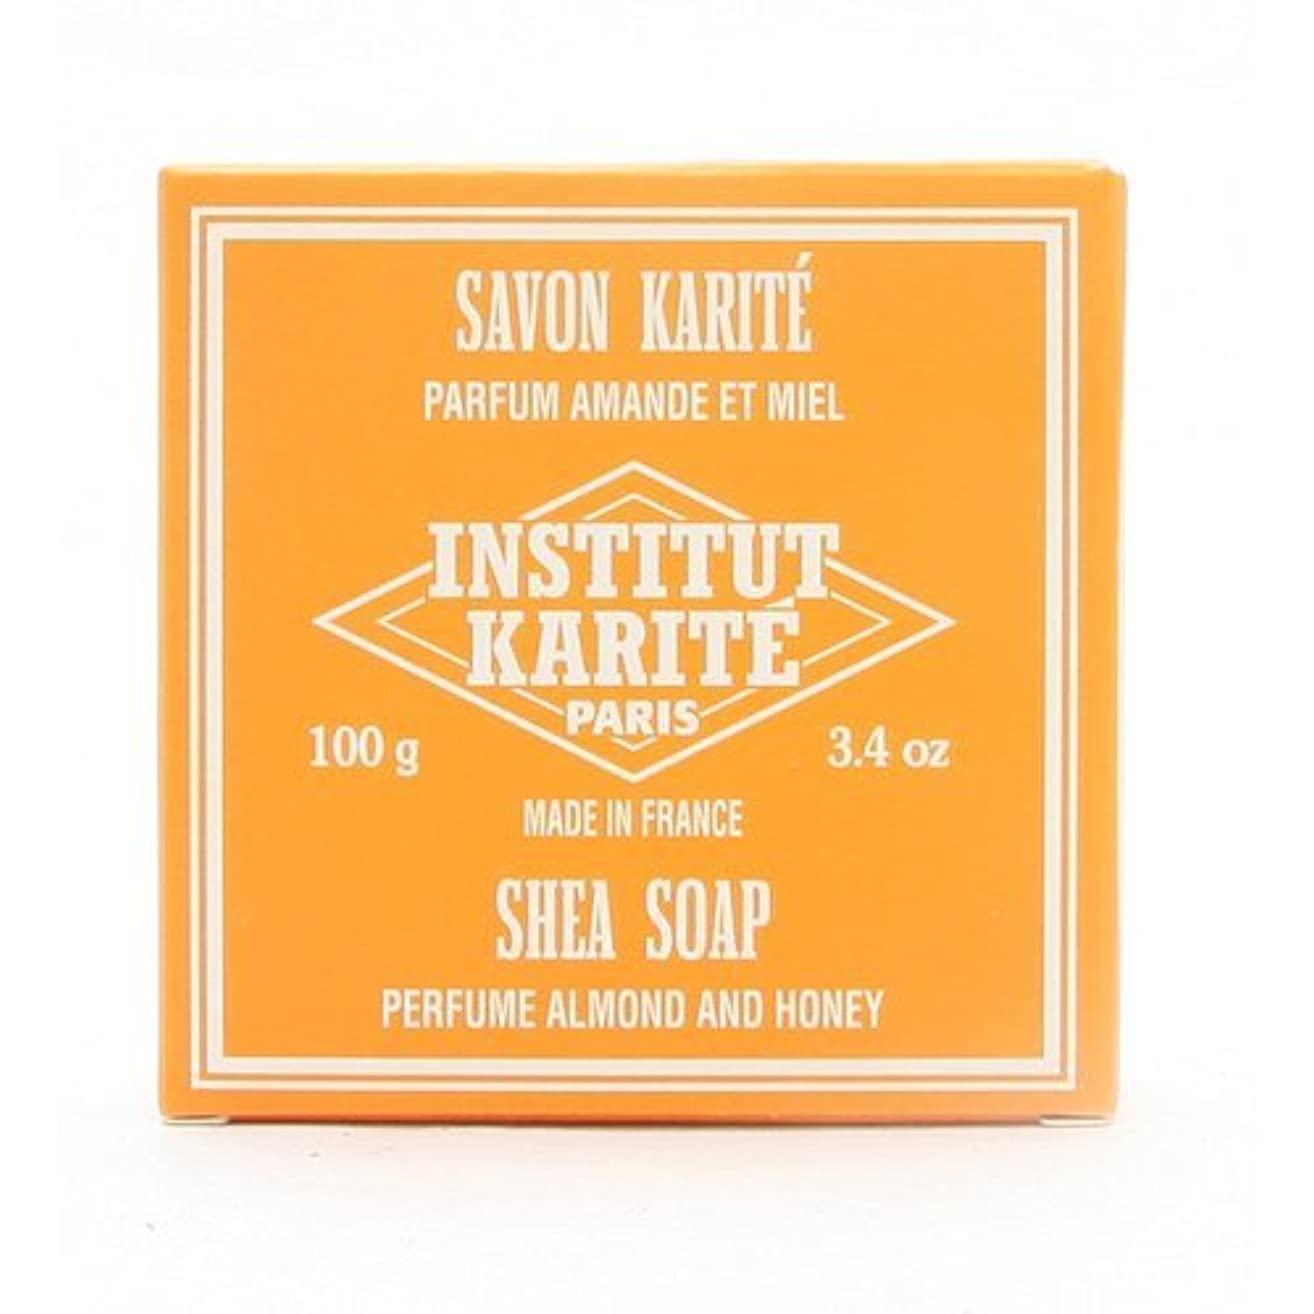 殉教者教会長老INSTITUT KARITE インスティテュート カリテ 25% Extra Gentle Soap ジェントルソープ 100g Almond Honey アーモンドハニー